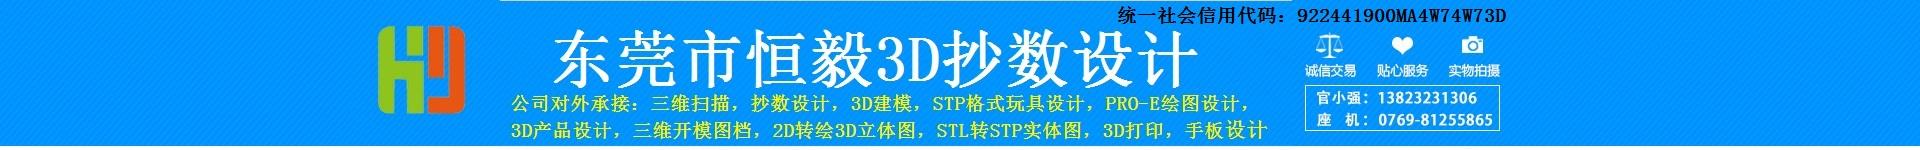 东莞市道滘恒毅玩具手板模型设计部